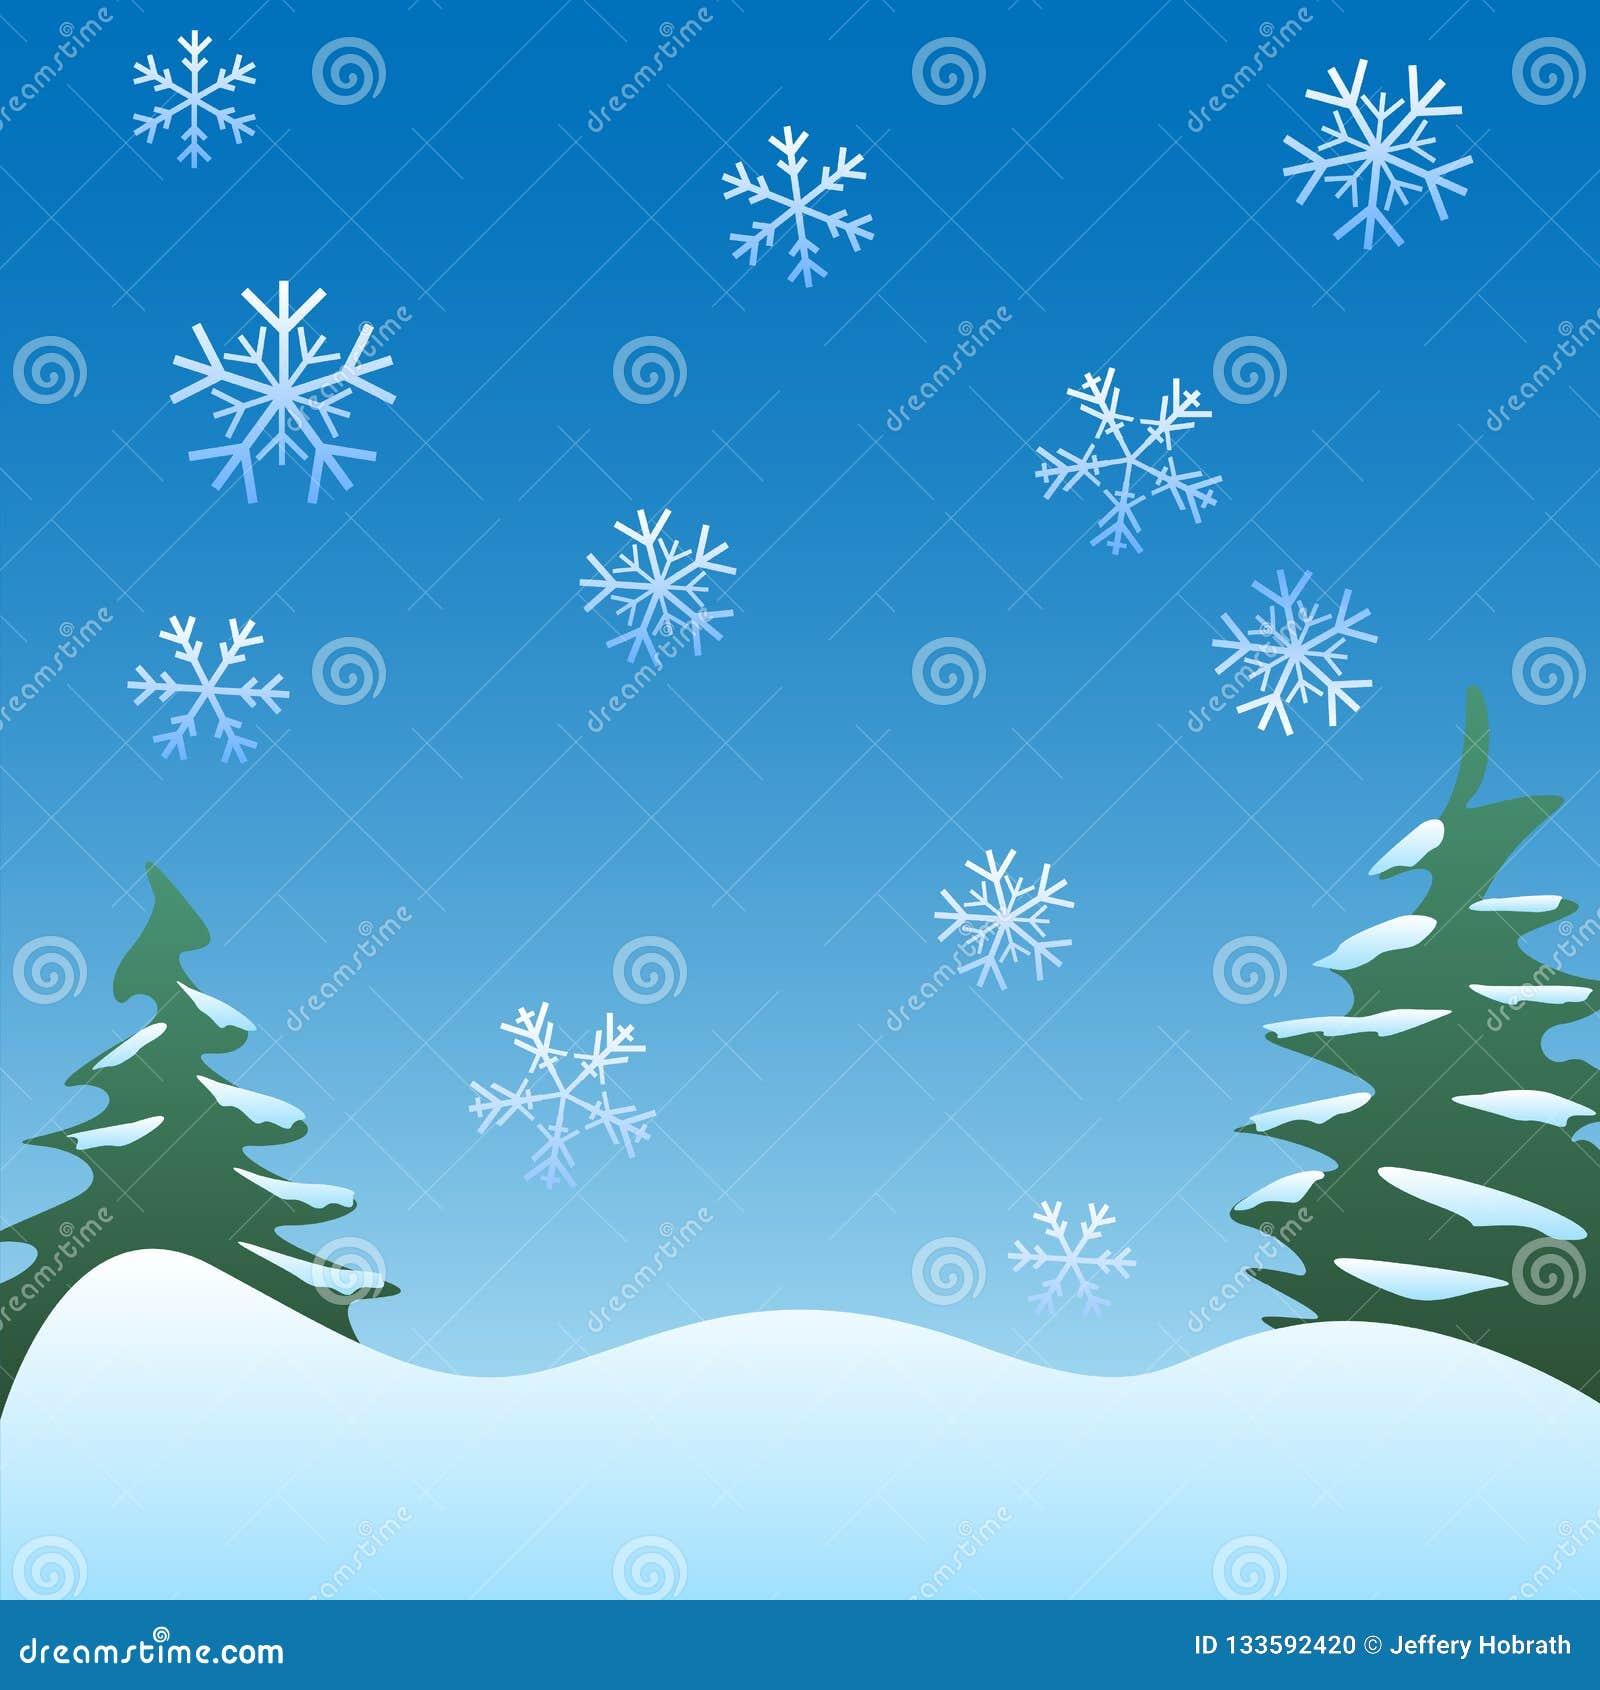 Ruhiger Winterszenenhintergrund mit Kiefern, leichten Schneeflocken und weicher Rolling Hills Vektor Illustration